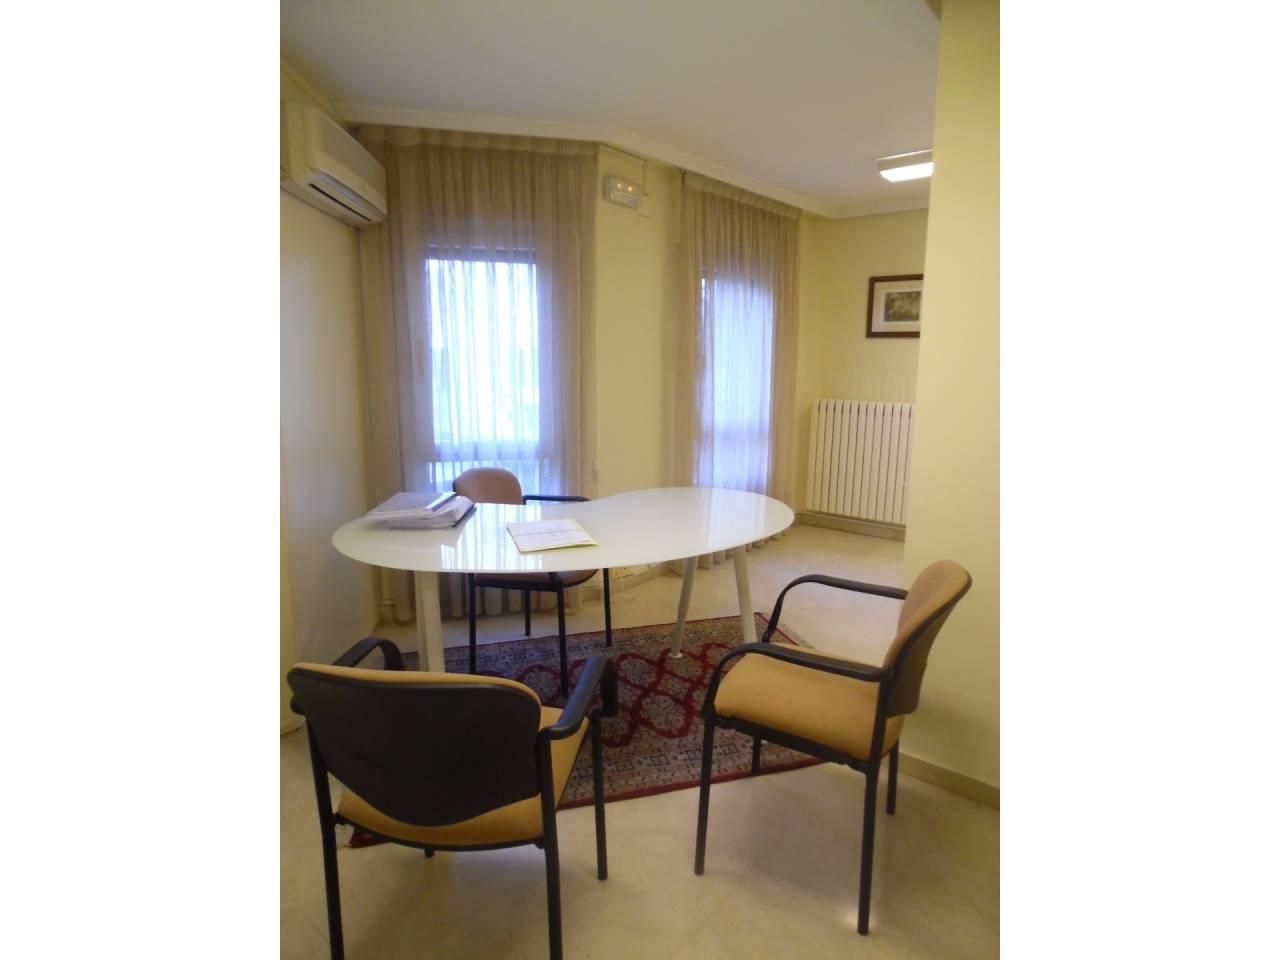 Pisos En Zaragoza Zona Hotel Reina Petronila P Gina 7  # Muebles Duquesa Villahermosa Zaragoza